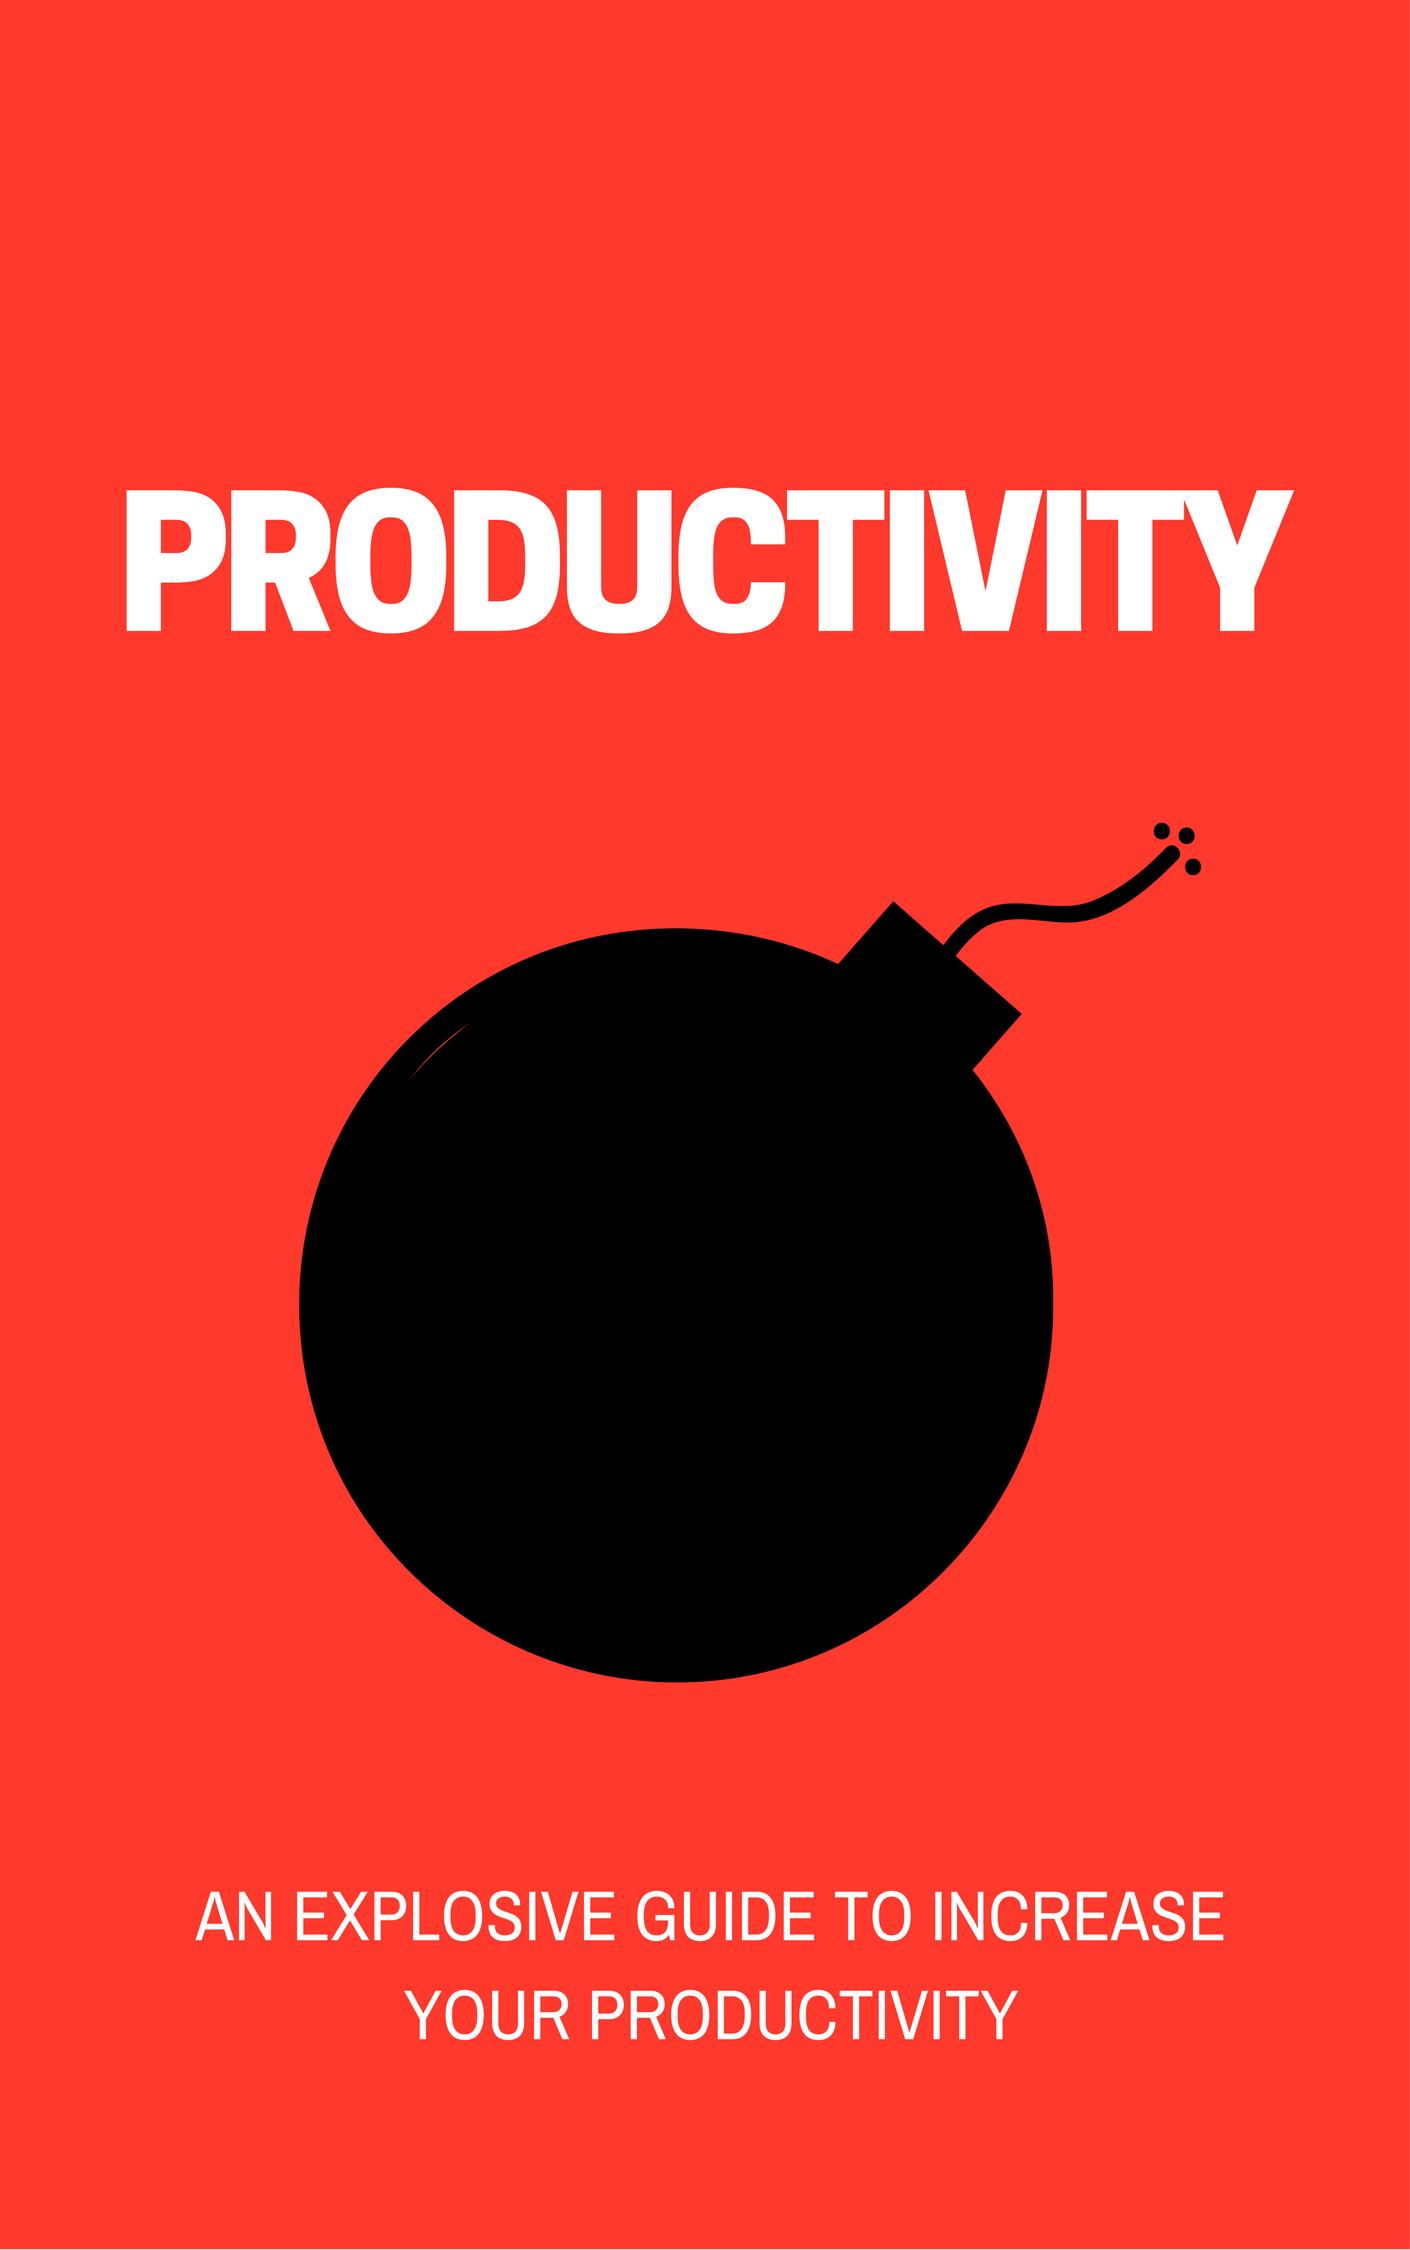 Productivity Bomb